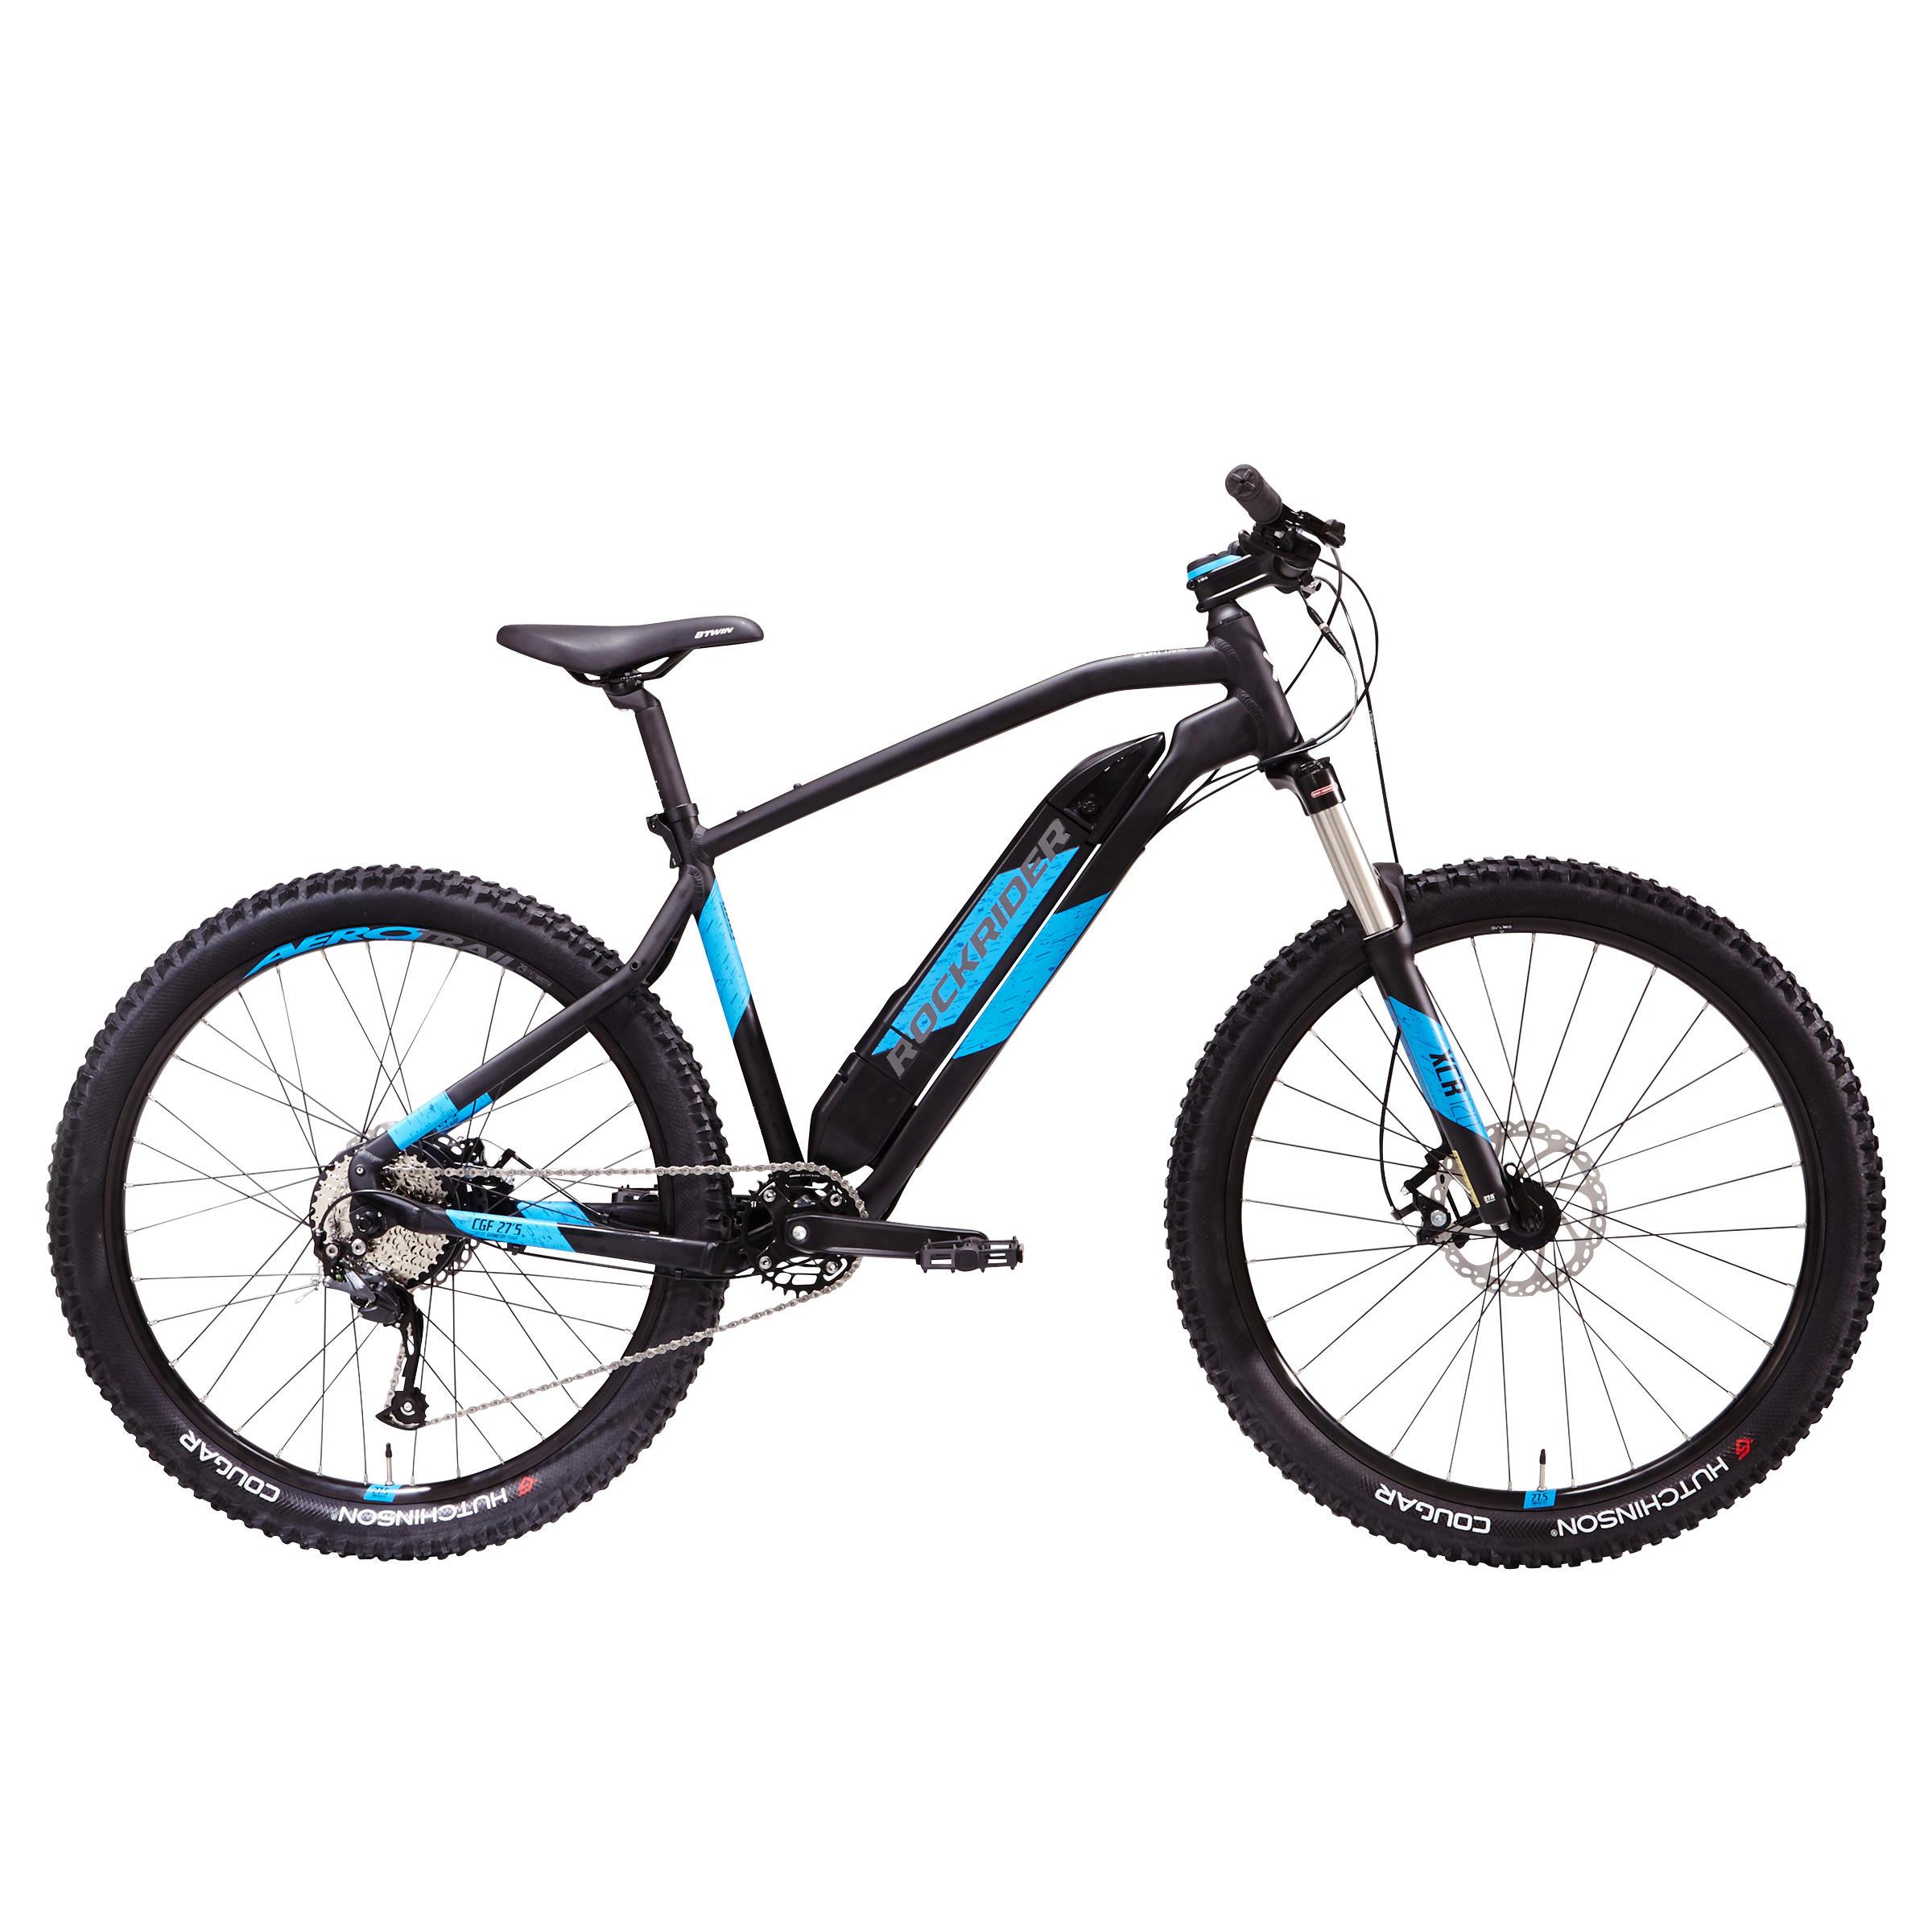 Rockrider Elektrische mountainbike E-ST500